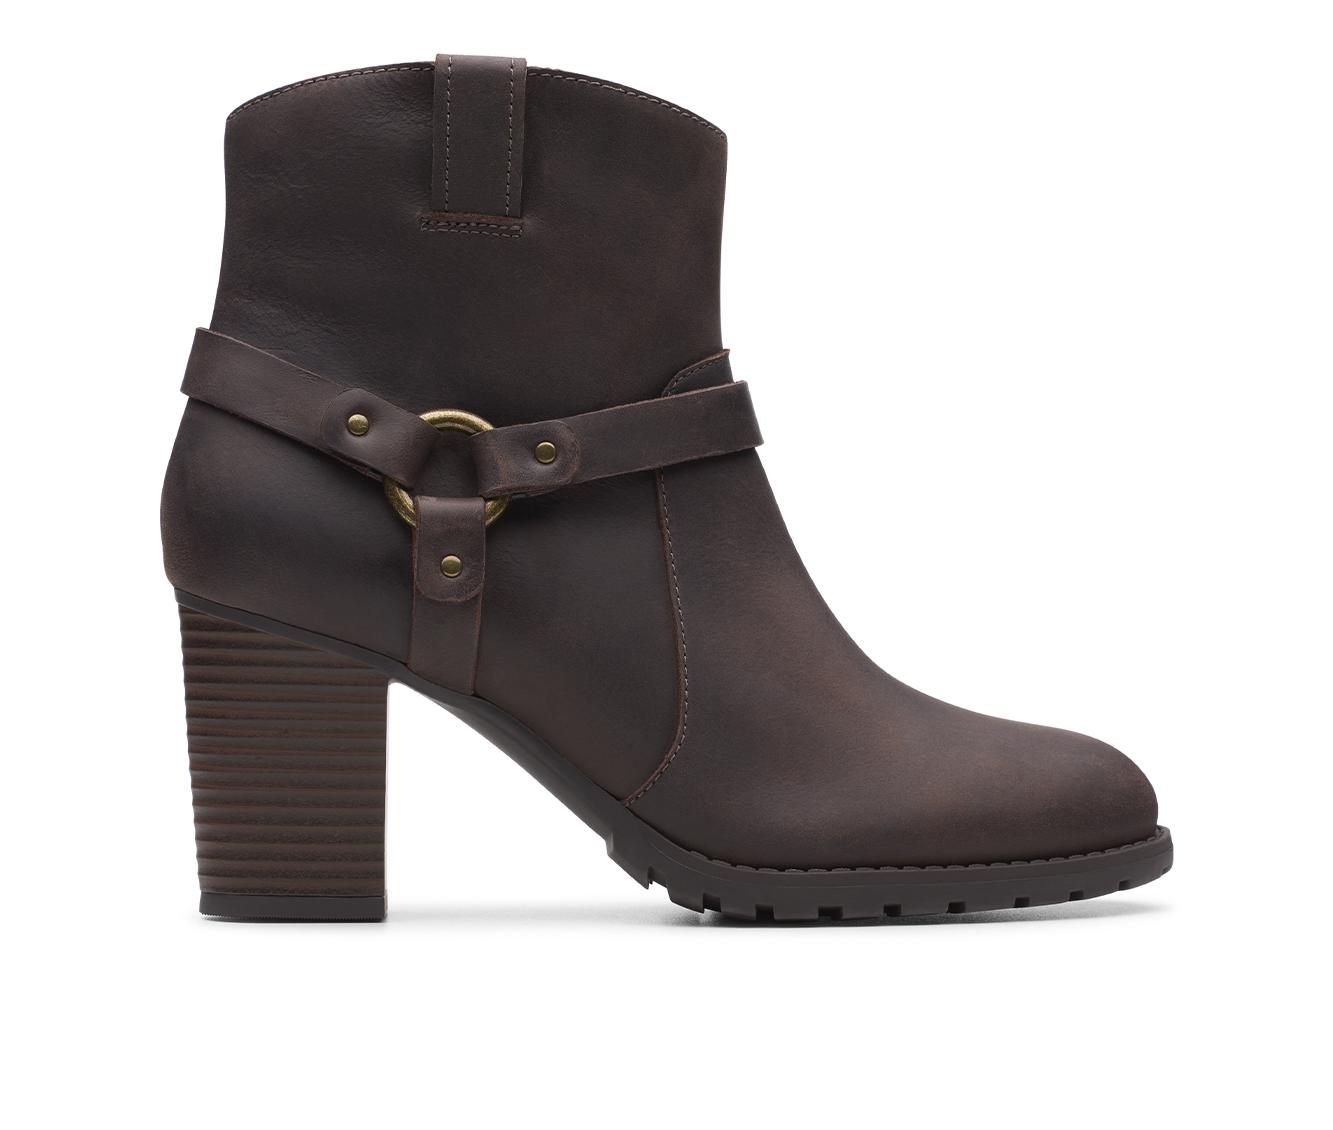 Clarks Verona Rock Women's Boot (Brown Leather)